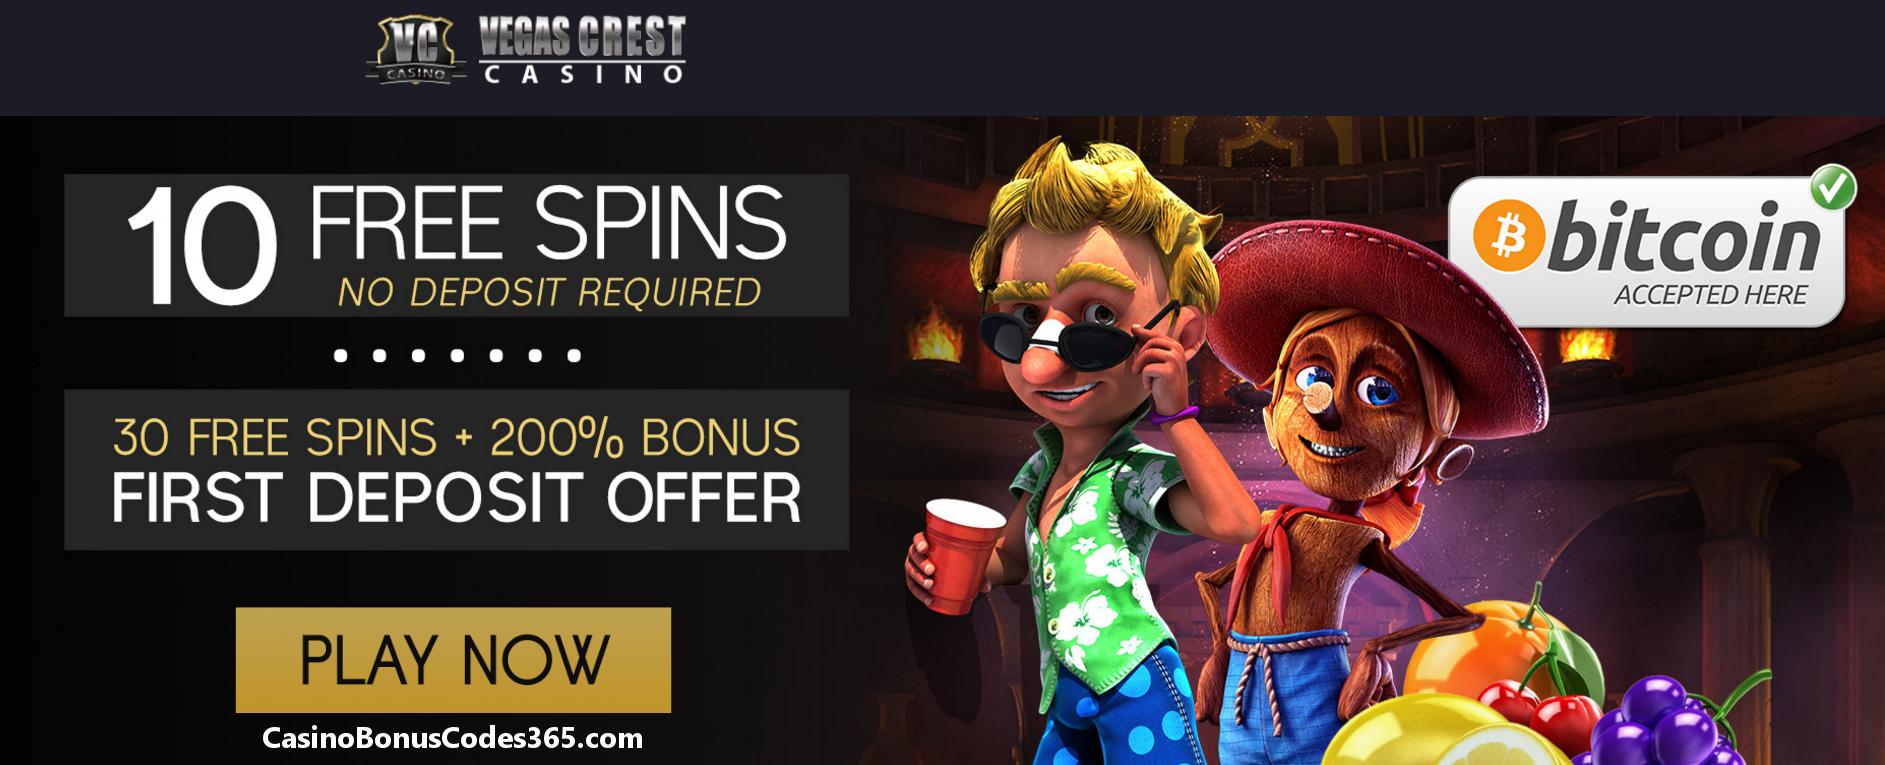 Vegas crest casino bonus code